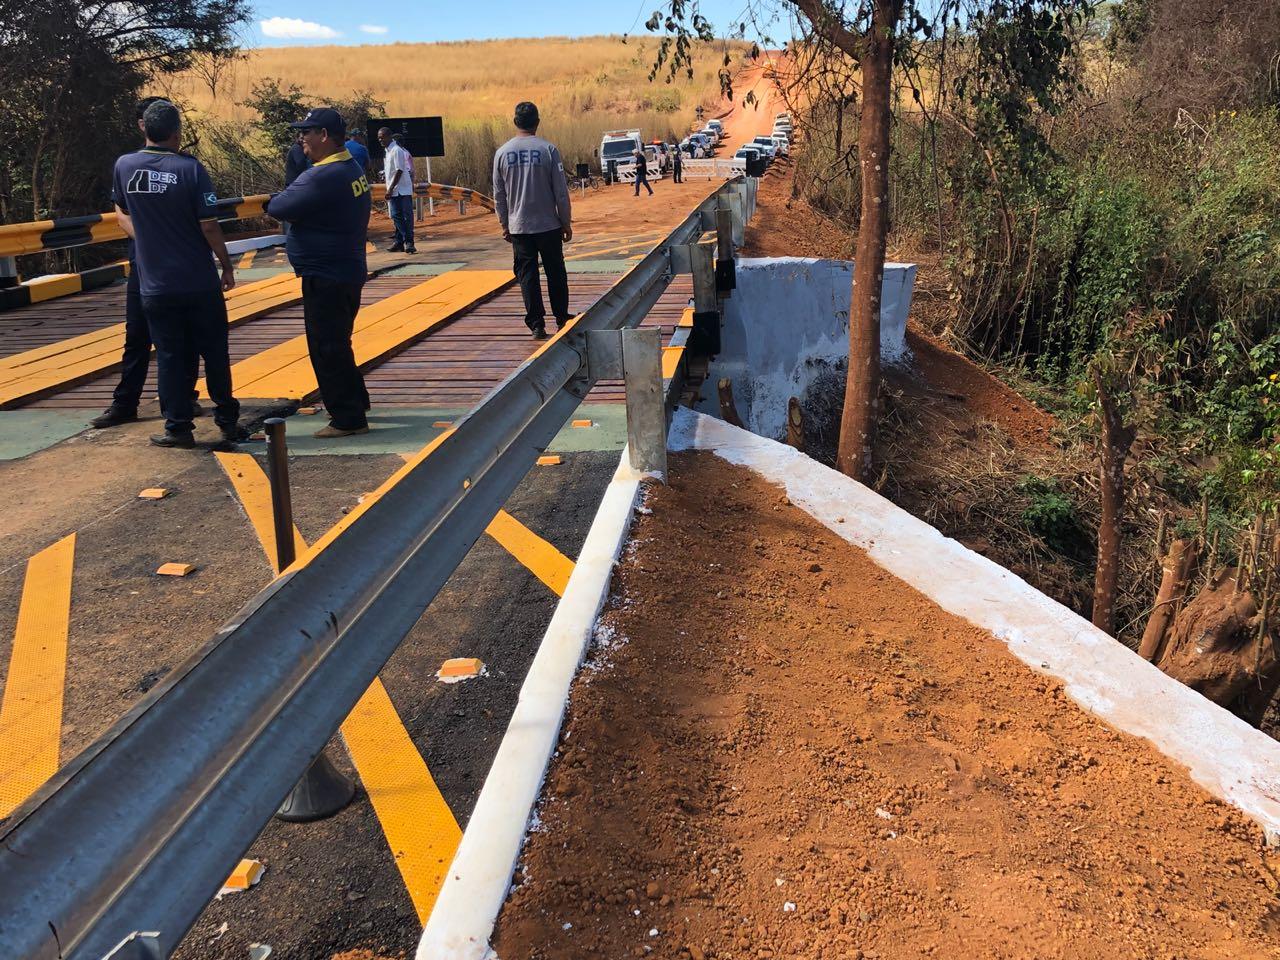 Inaugurada, em julho/2018, uma ponte na Vicinal 113, localizada no Núcleo Rural Pipiripau II. A via atende 450 famílias, além de alunos e funcionários do Centro de Ensino Fundamental  Pipiripau II.